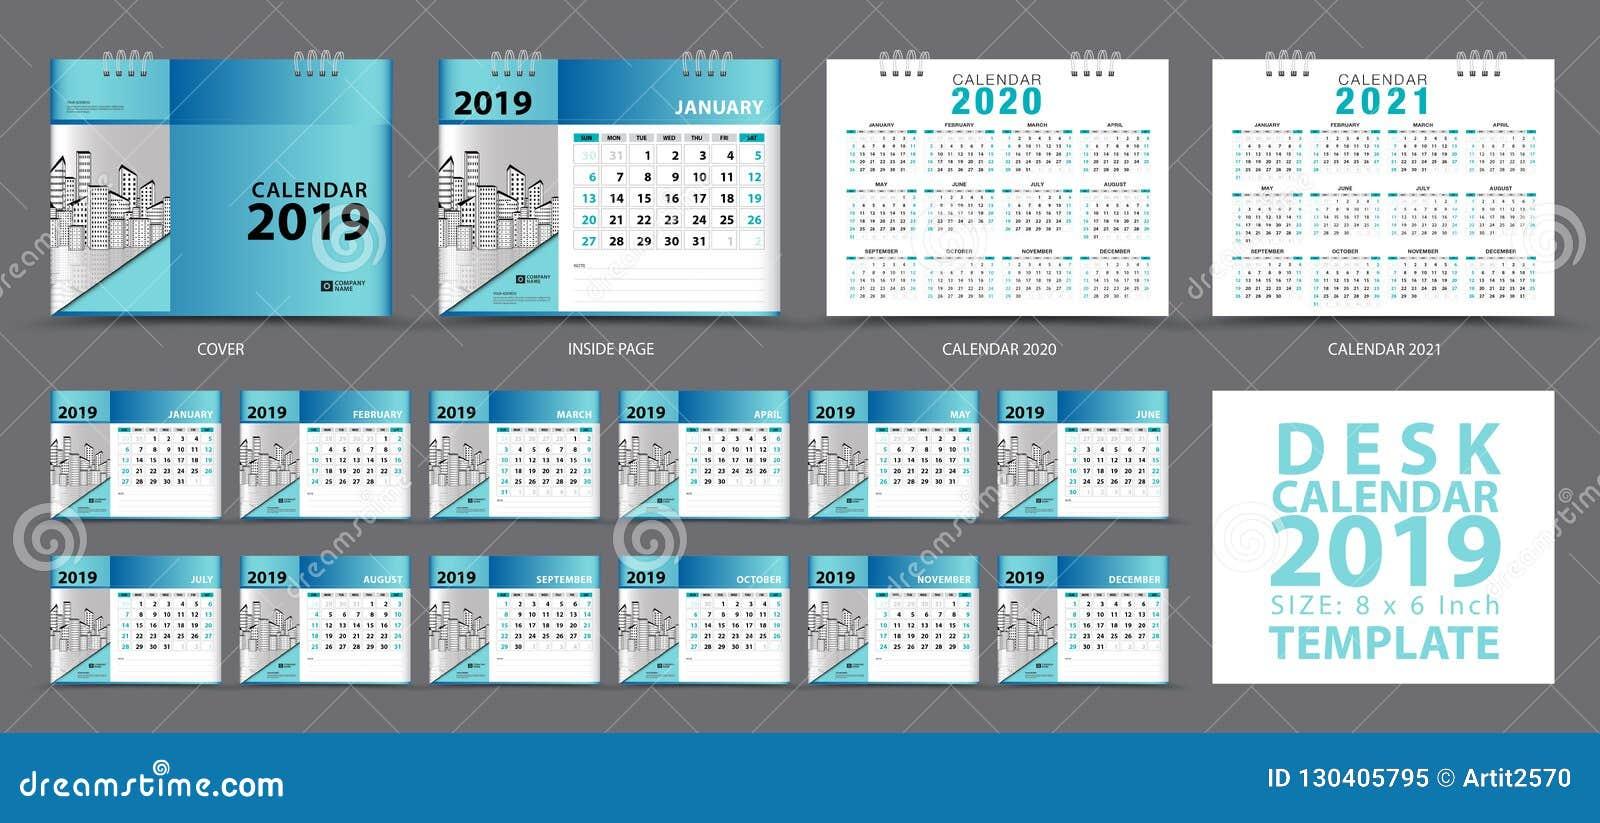 Set Desk Calendar 2019 Template Set Of 12 Months Calendar 2019